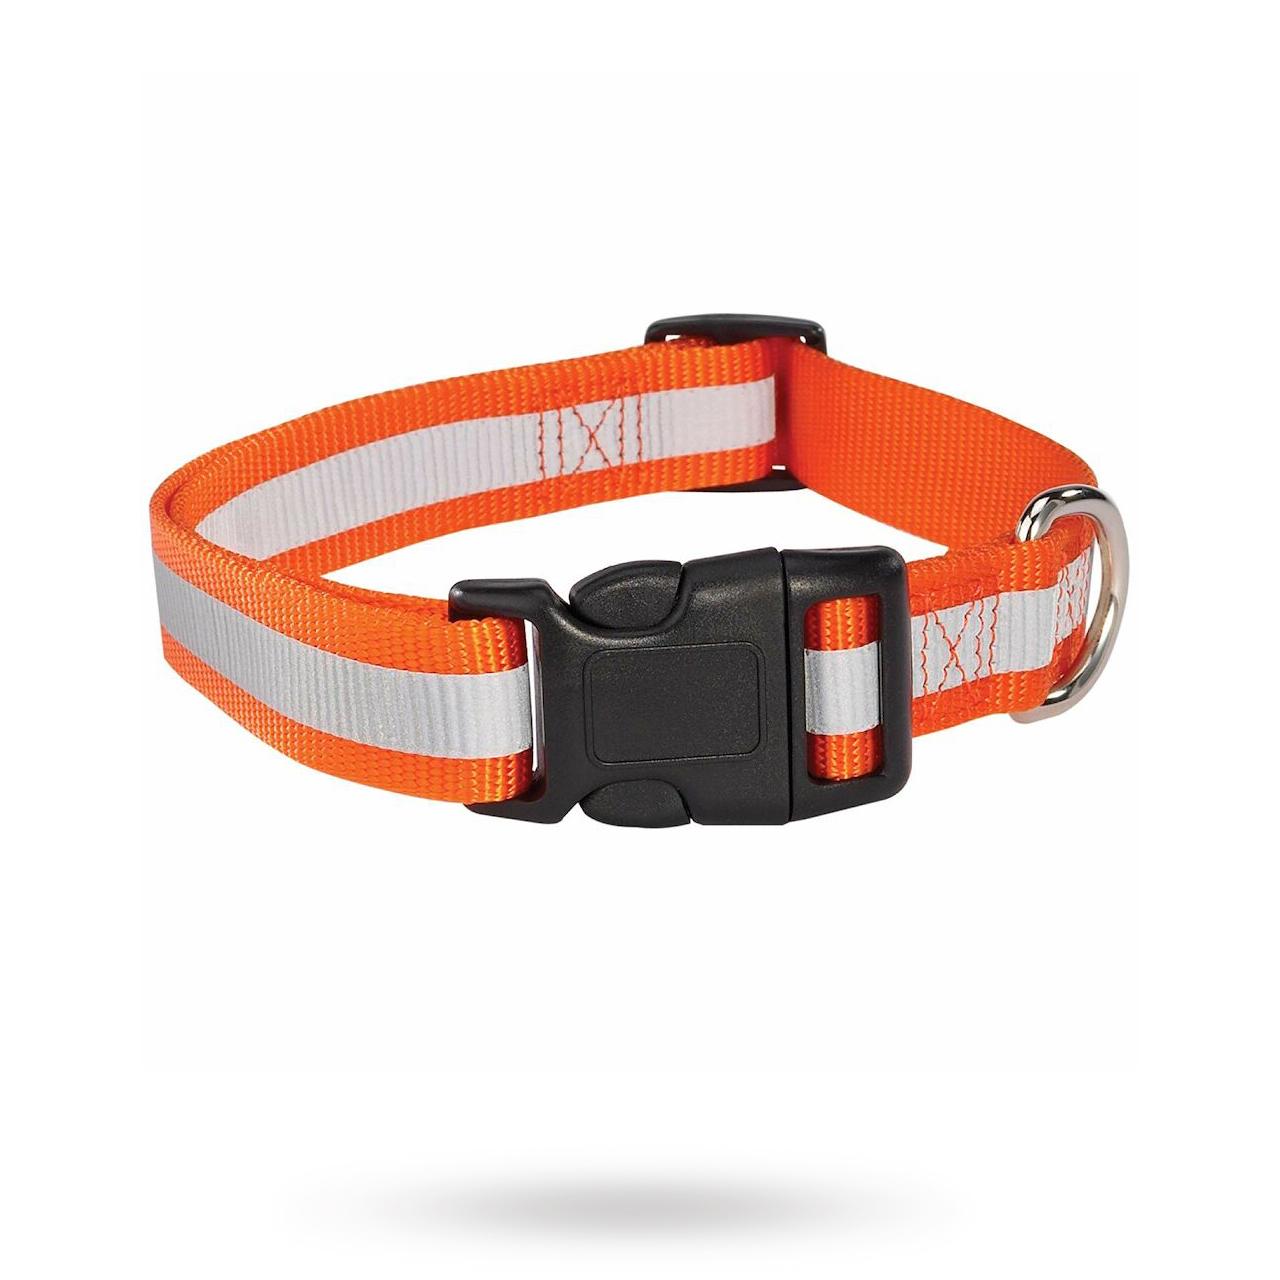 GG Reflexhalsband Orange